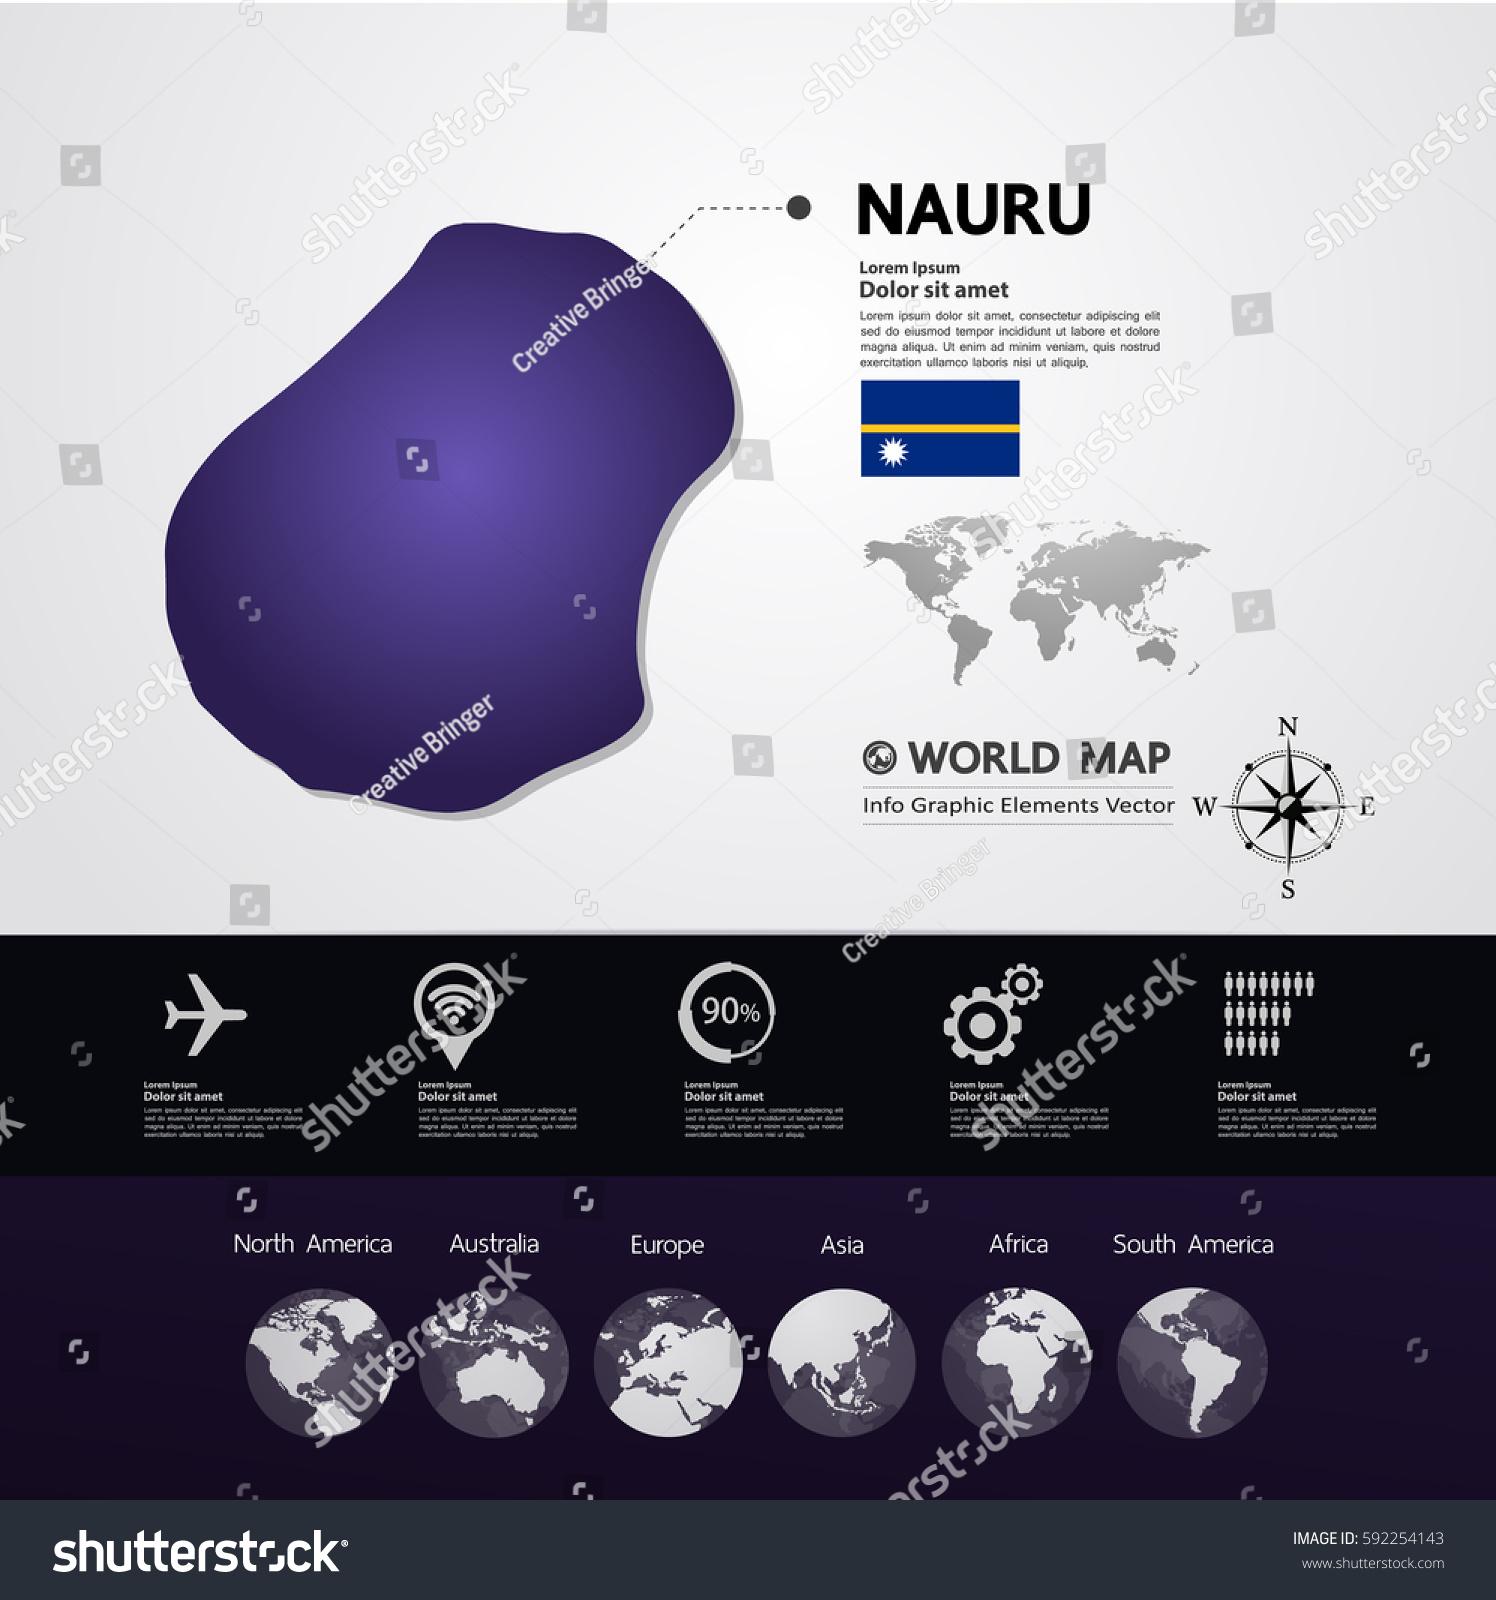 Nauru Map Vector Illustration Stock Vector Shutterstock - Nauru map vector